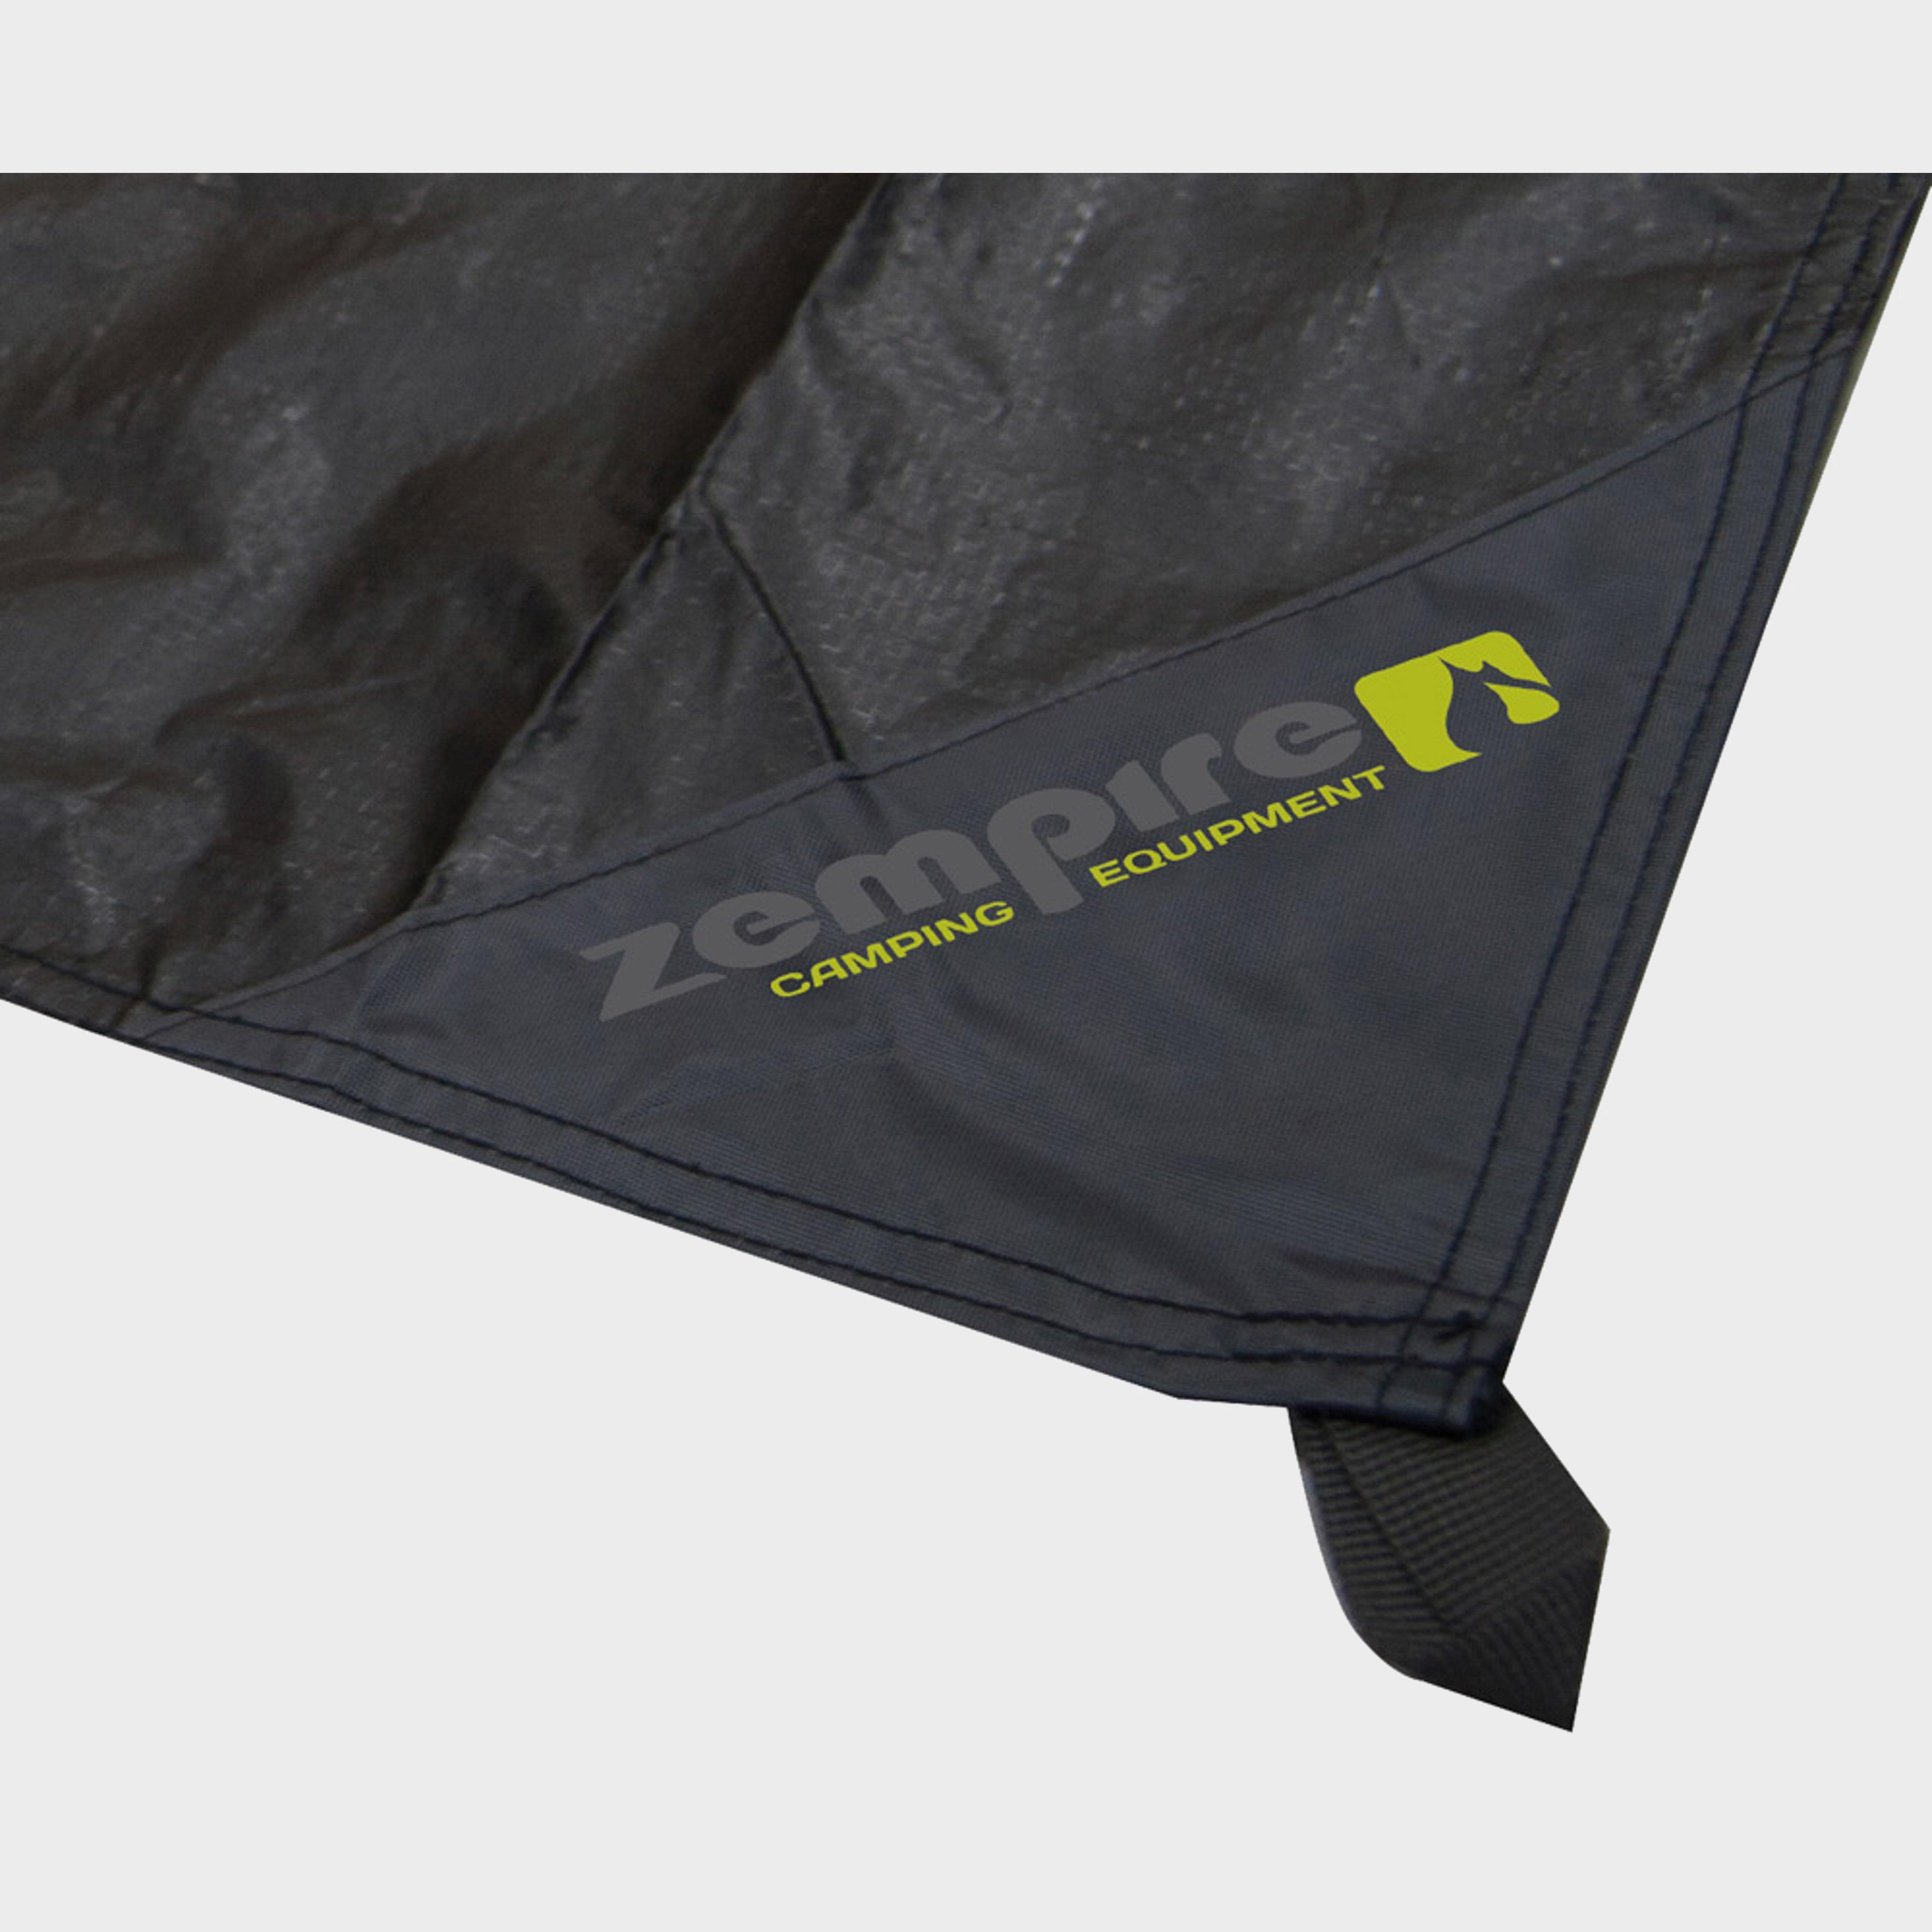 Zempire Aero TL accessories